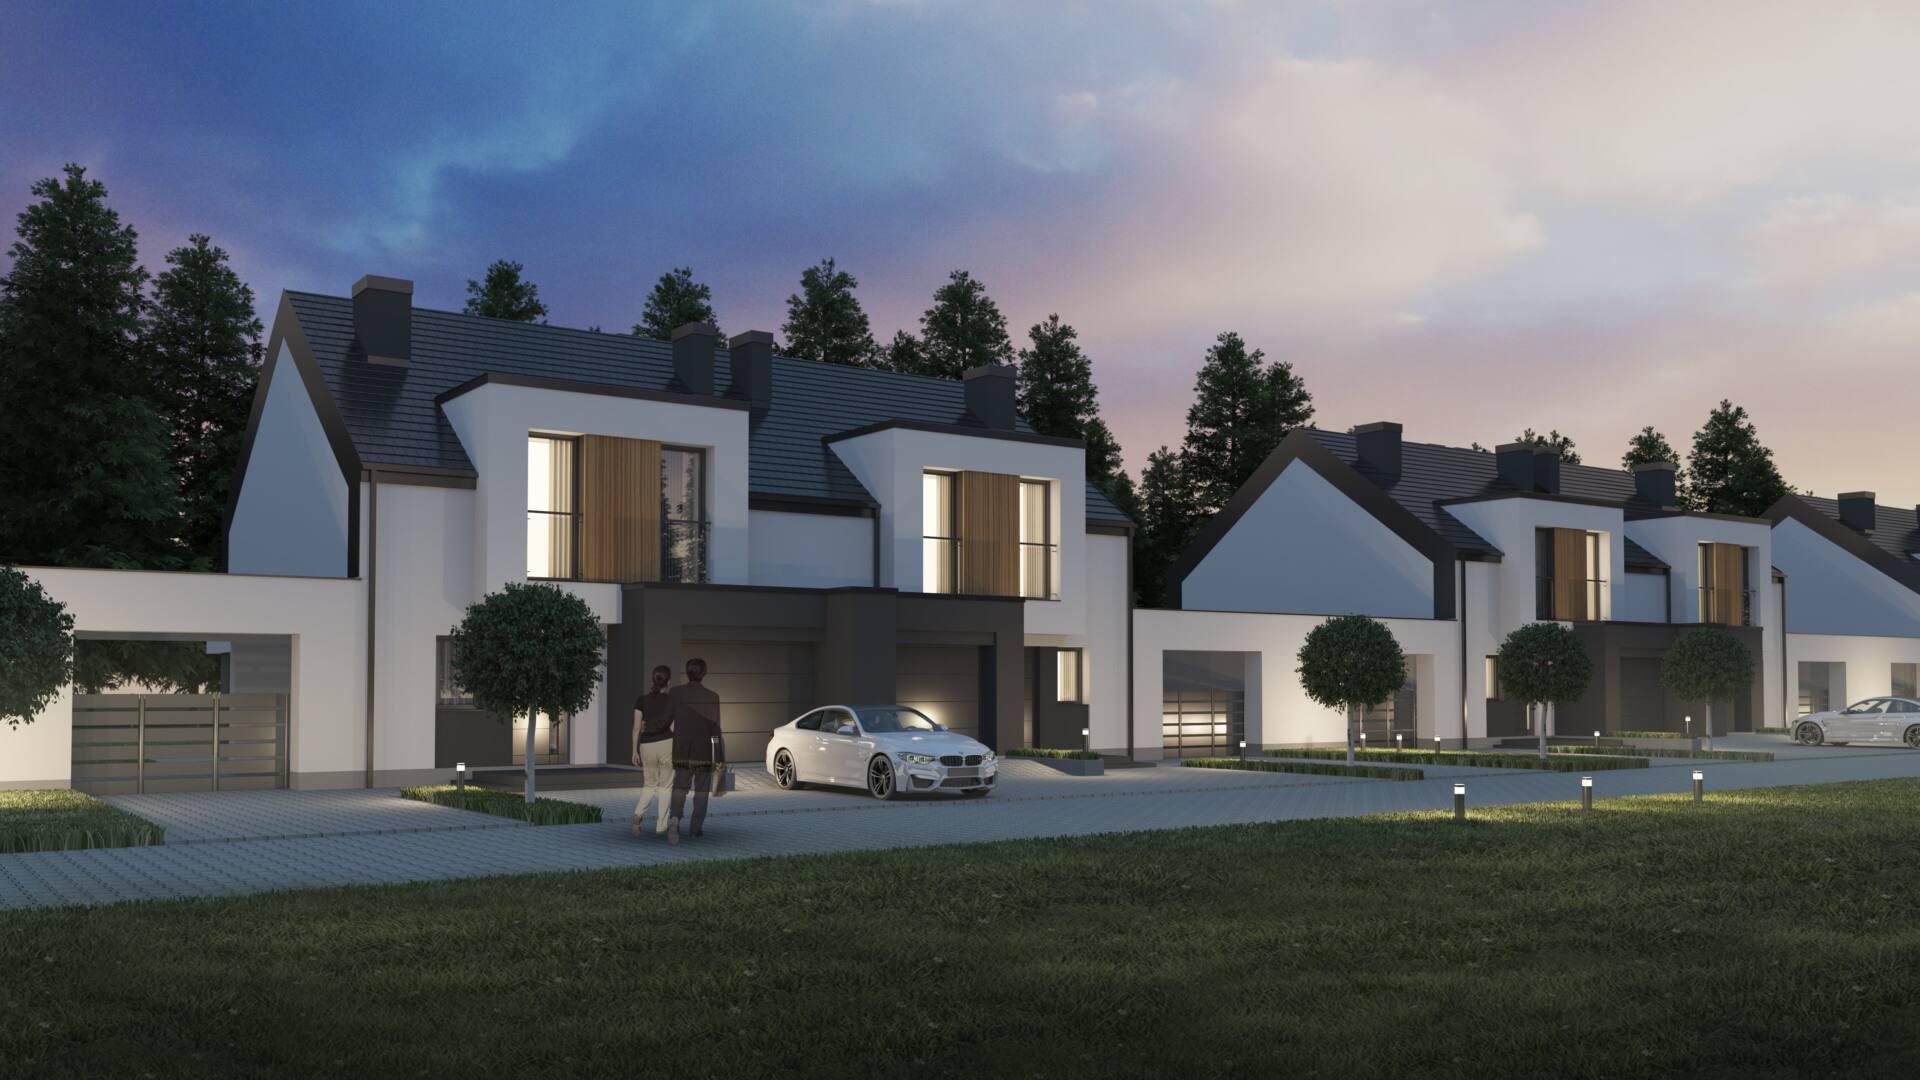 pro c 05 min Zamość: Inteligentne domy w sprzedaży (zdjęcia)